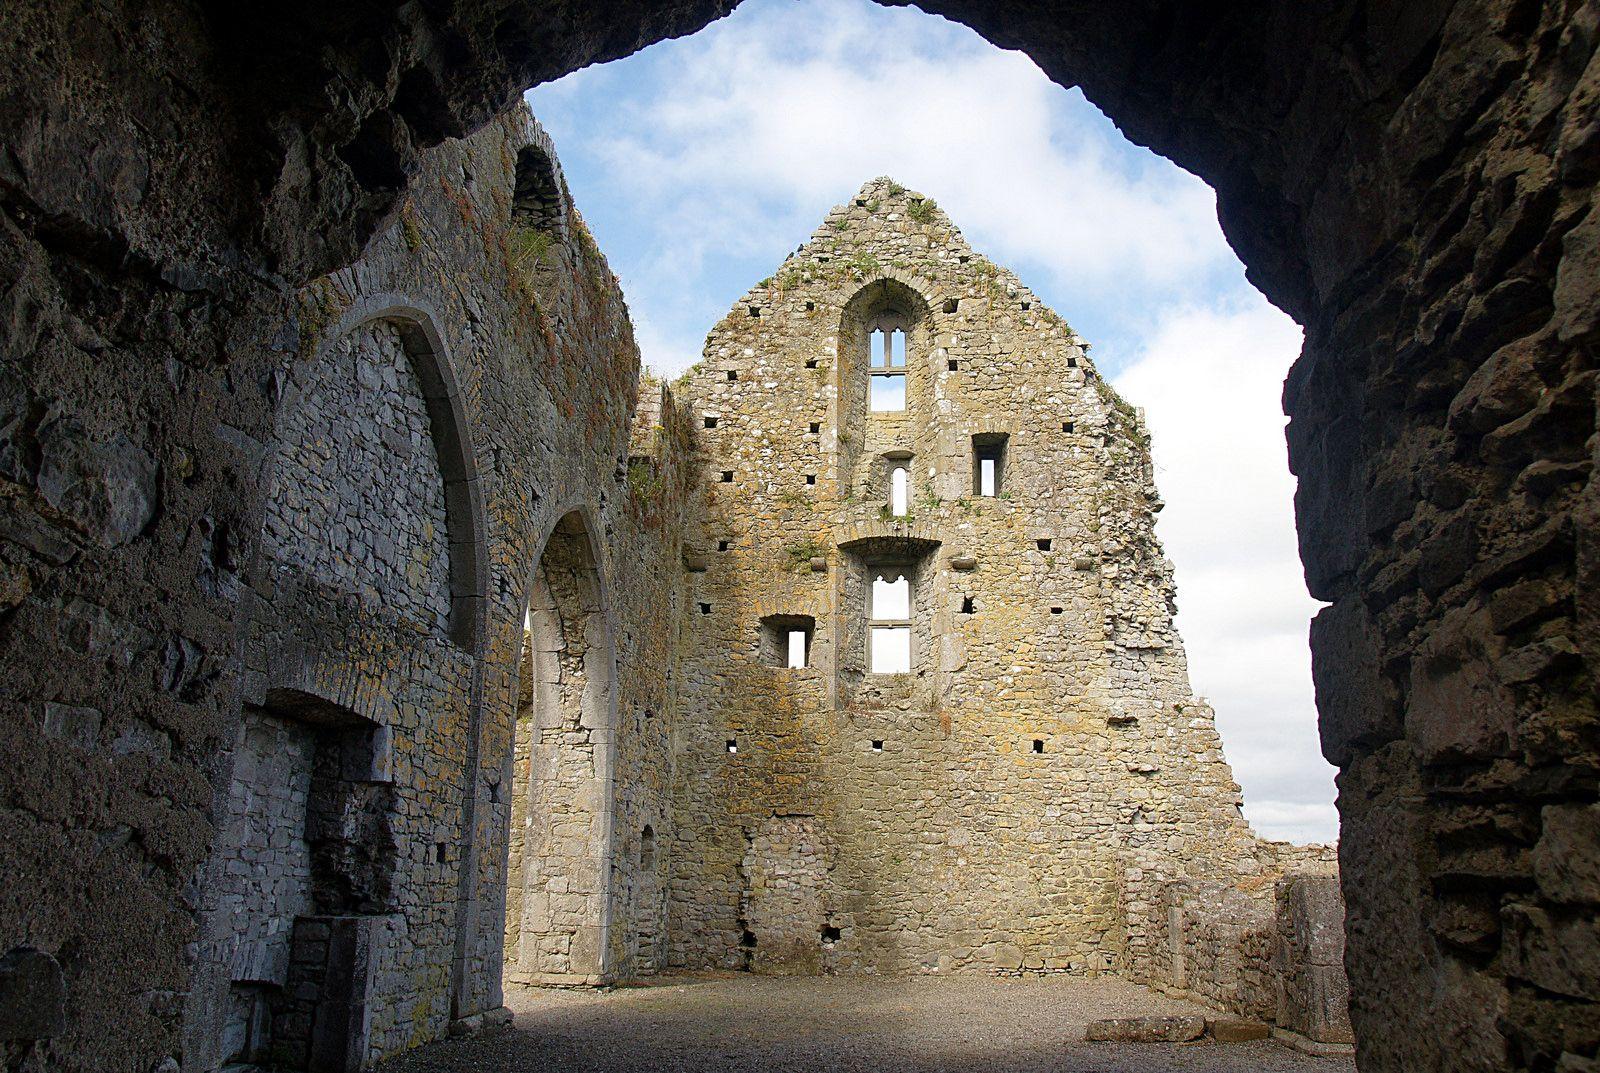 Ruins of Hore Abbey, County Tipperary, near Cashel, Ireland.